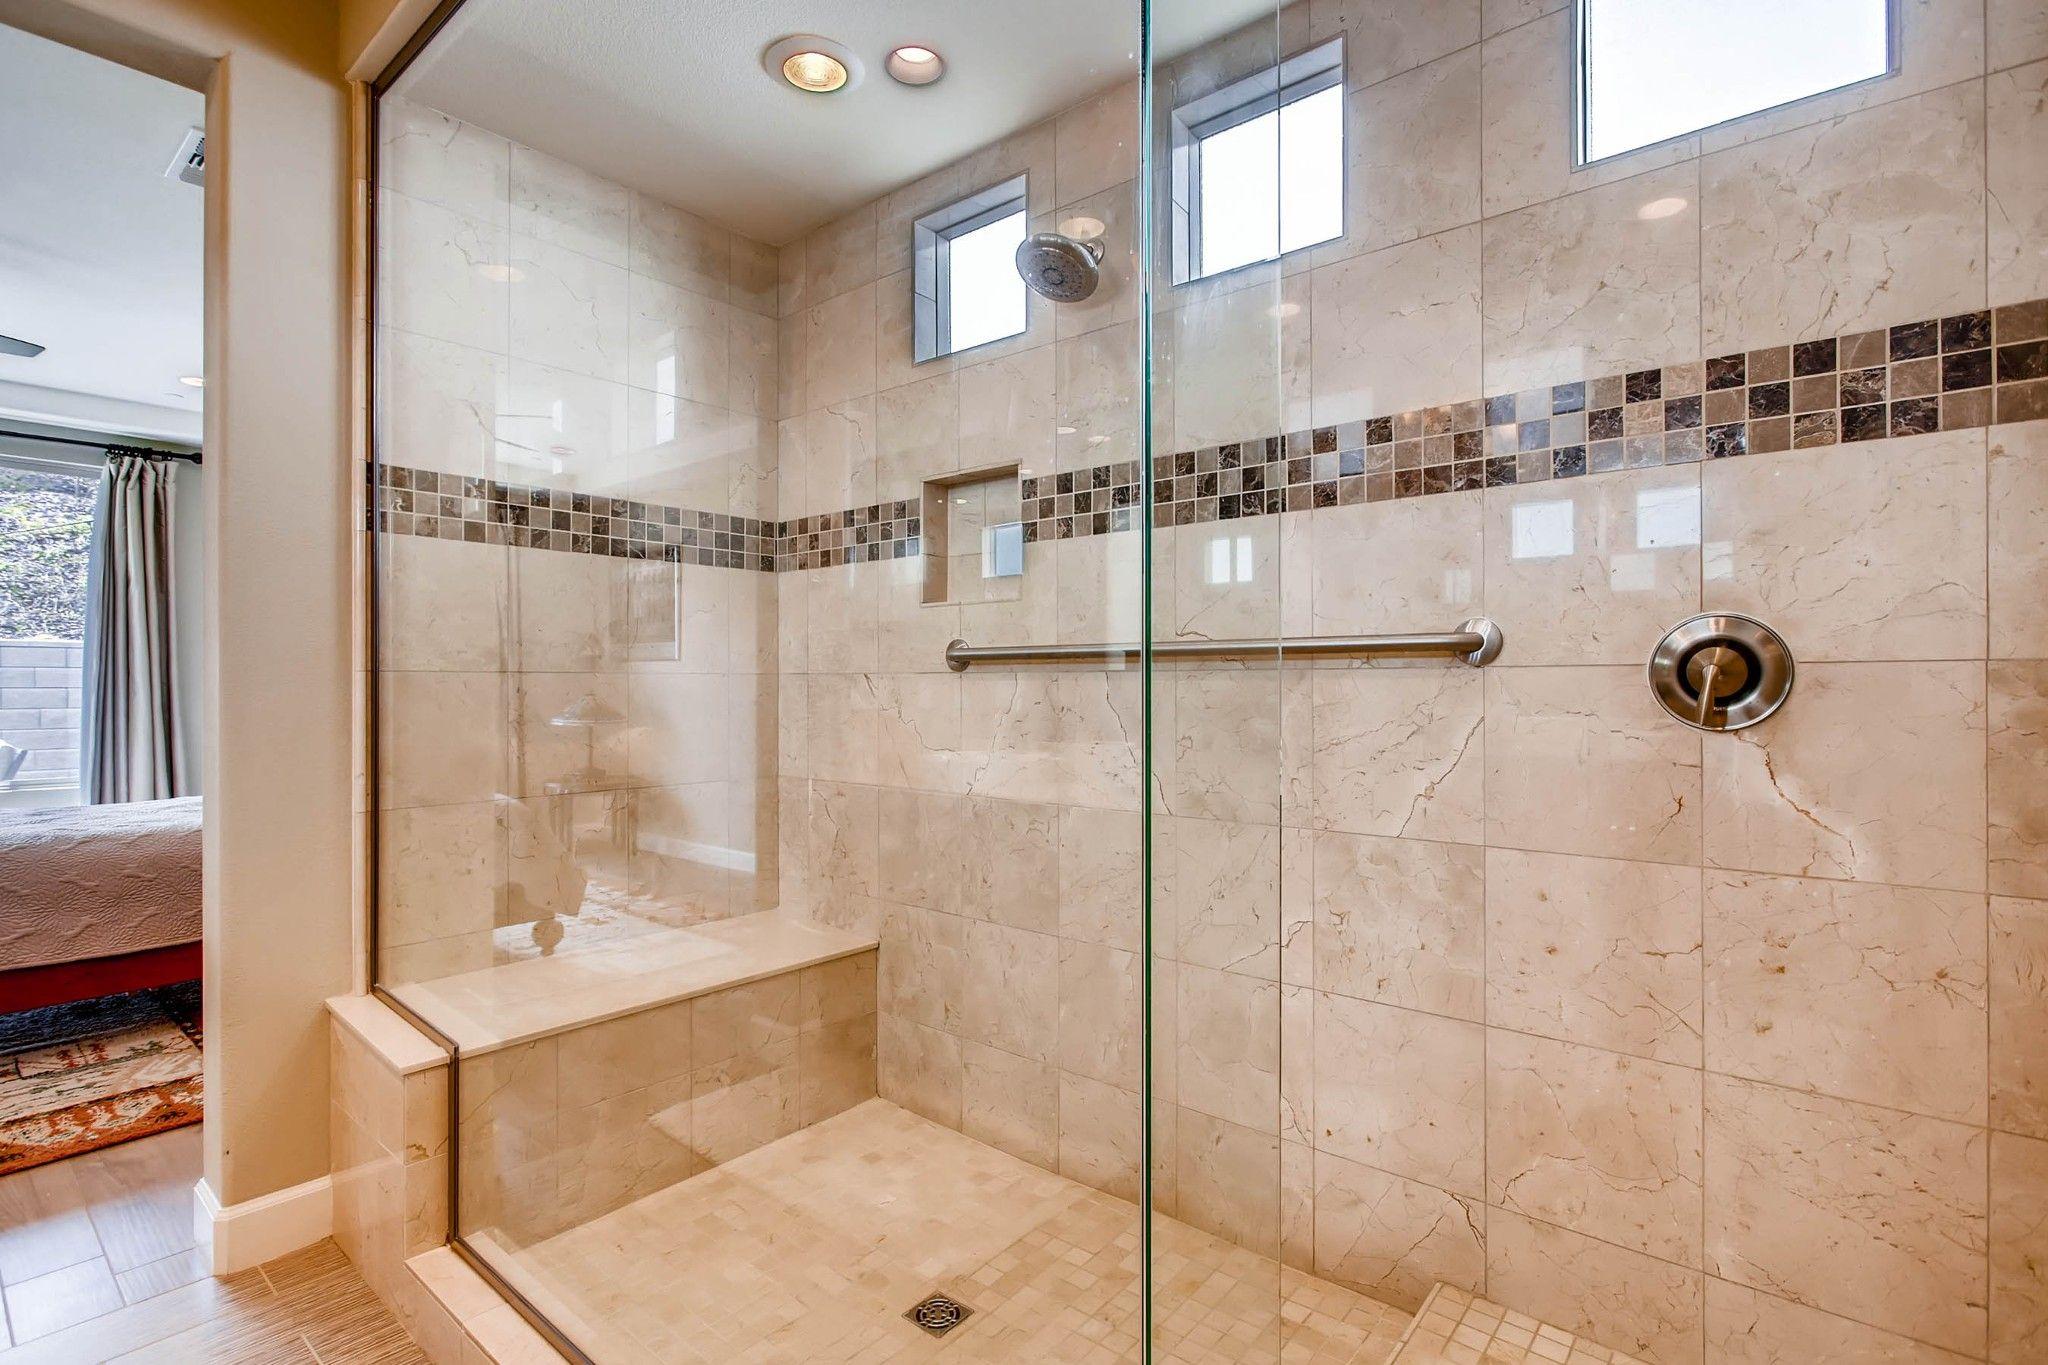 Photo 17: Photos: Residential for sale : 5 bedrooms : 443 Machado Way in Vista